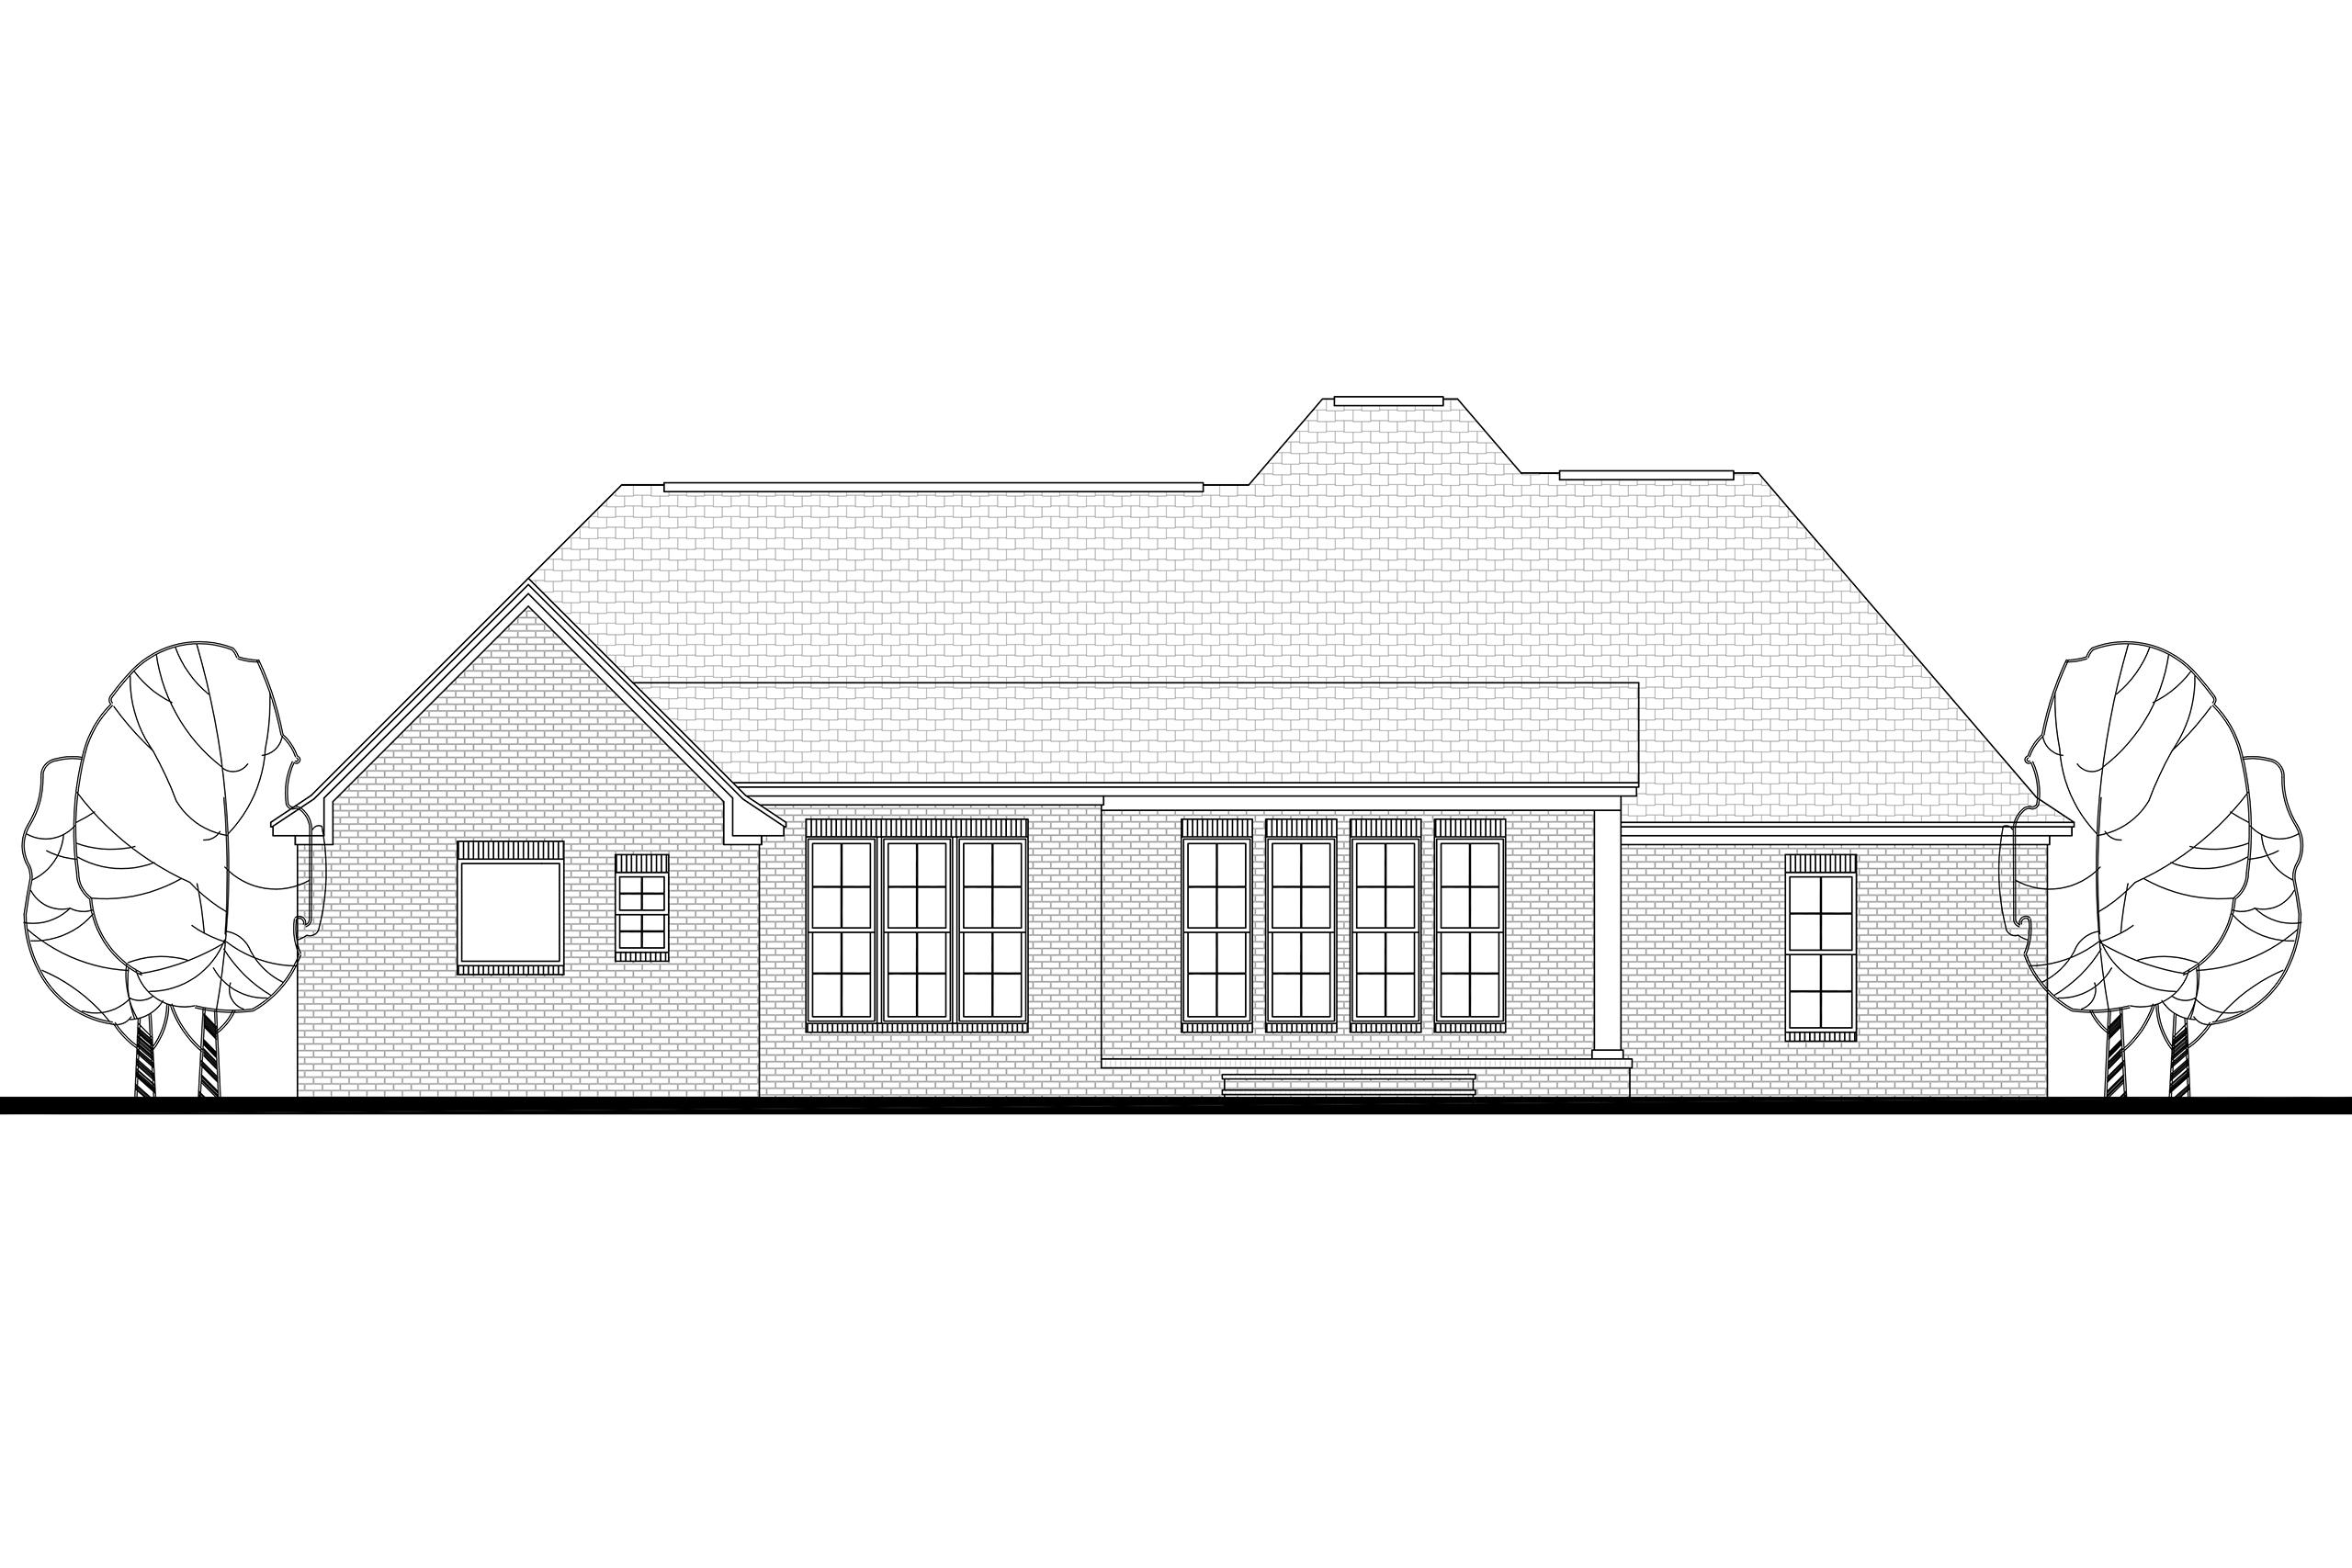 House Plan 142 1100 4 Bdrm 2 480 Sq Ft European Home